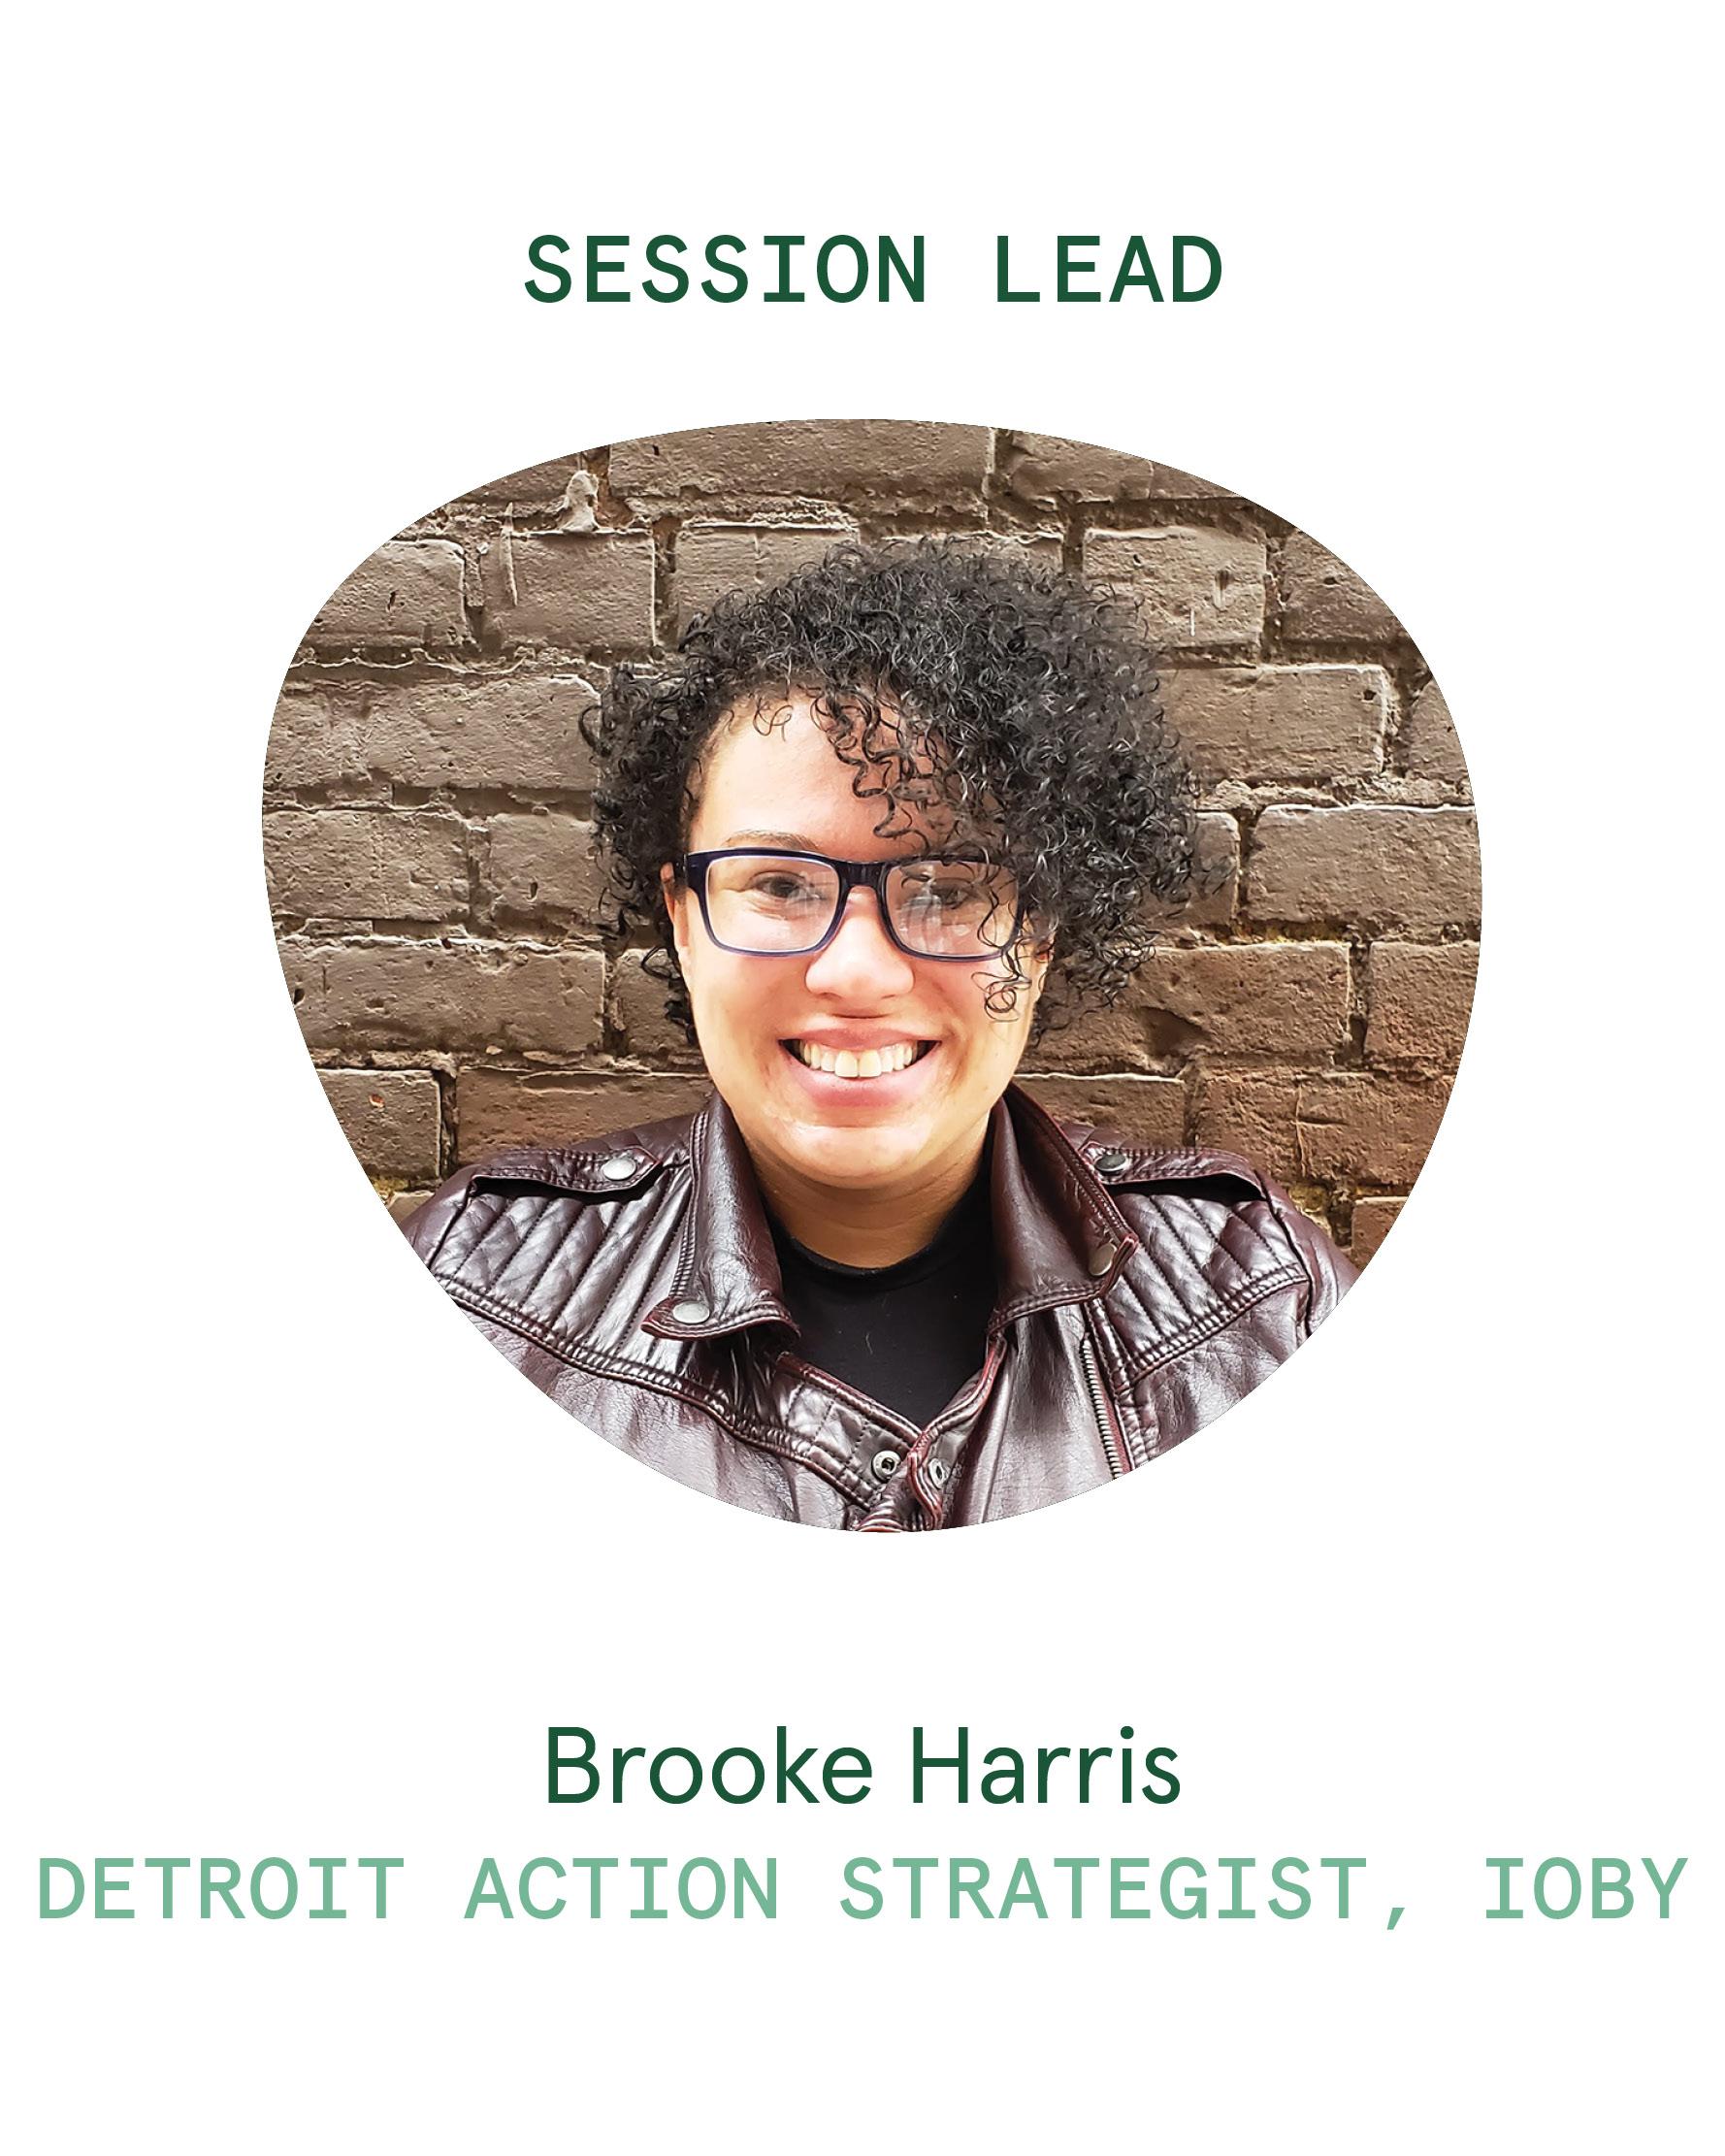 Session Lead_Brooke Harris